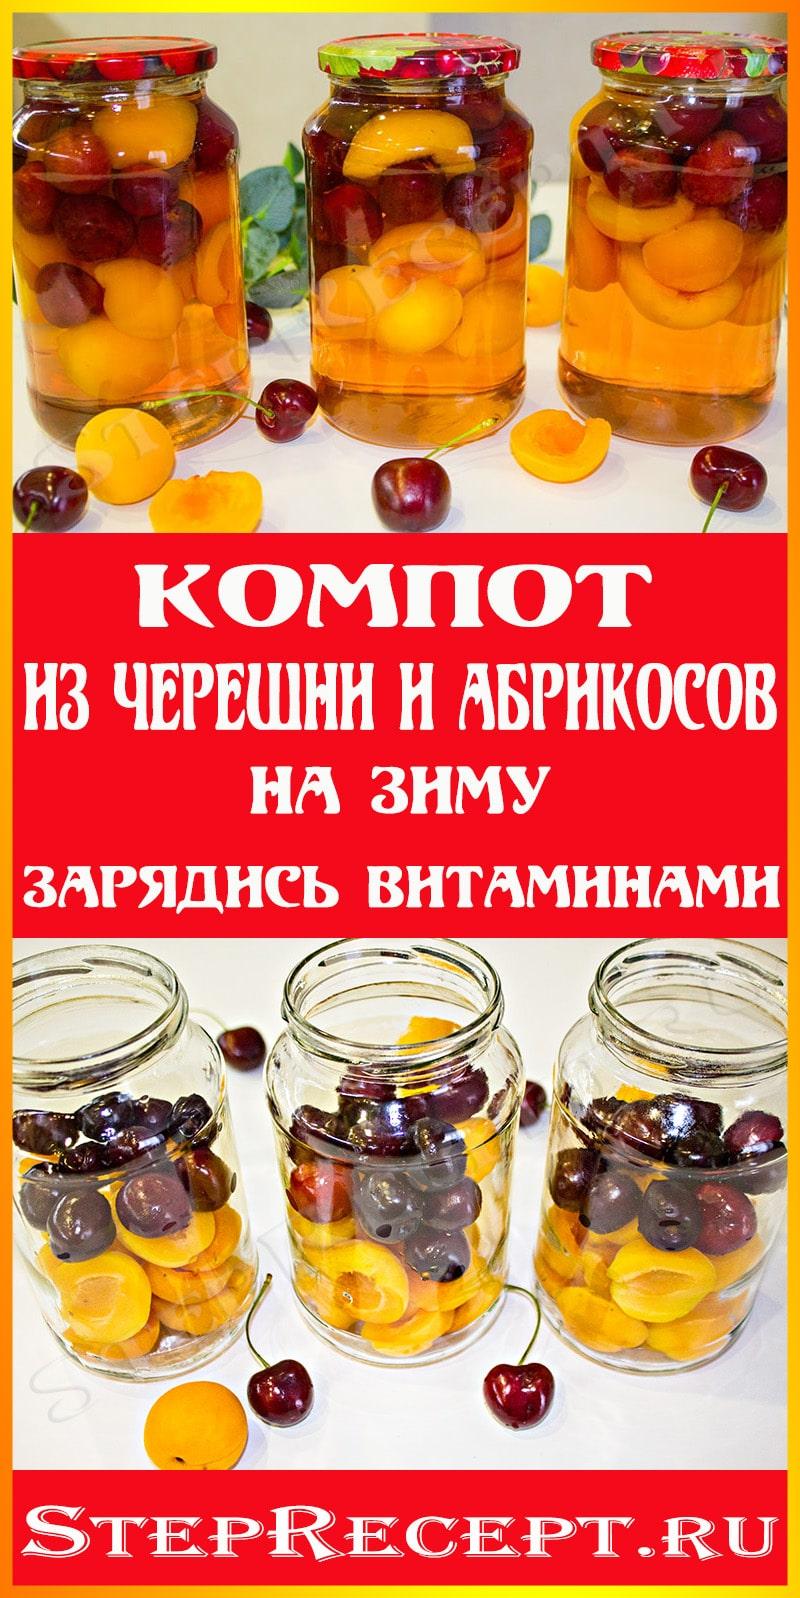 компот из черешни и абрикосов